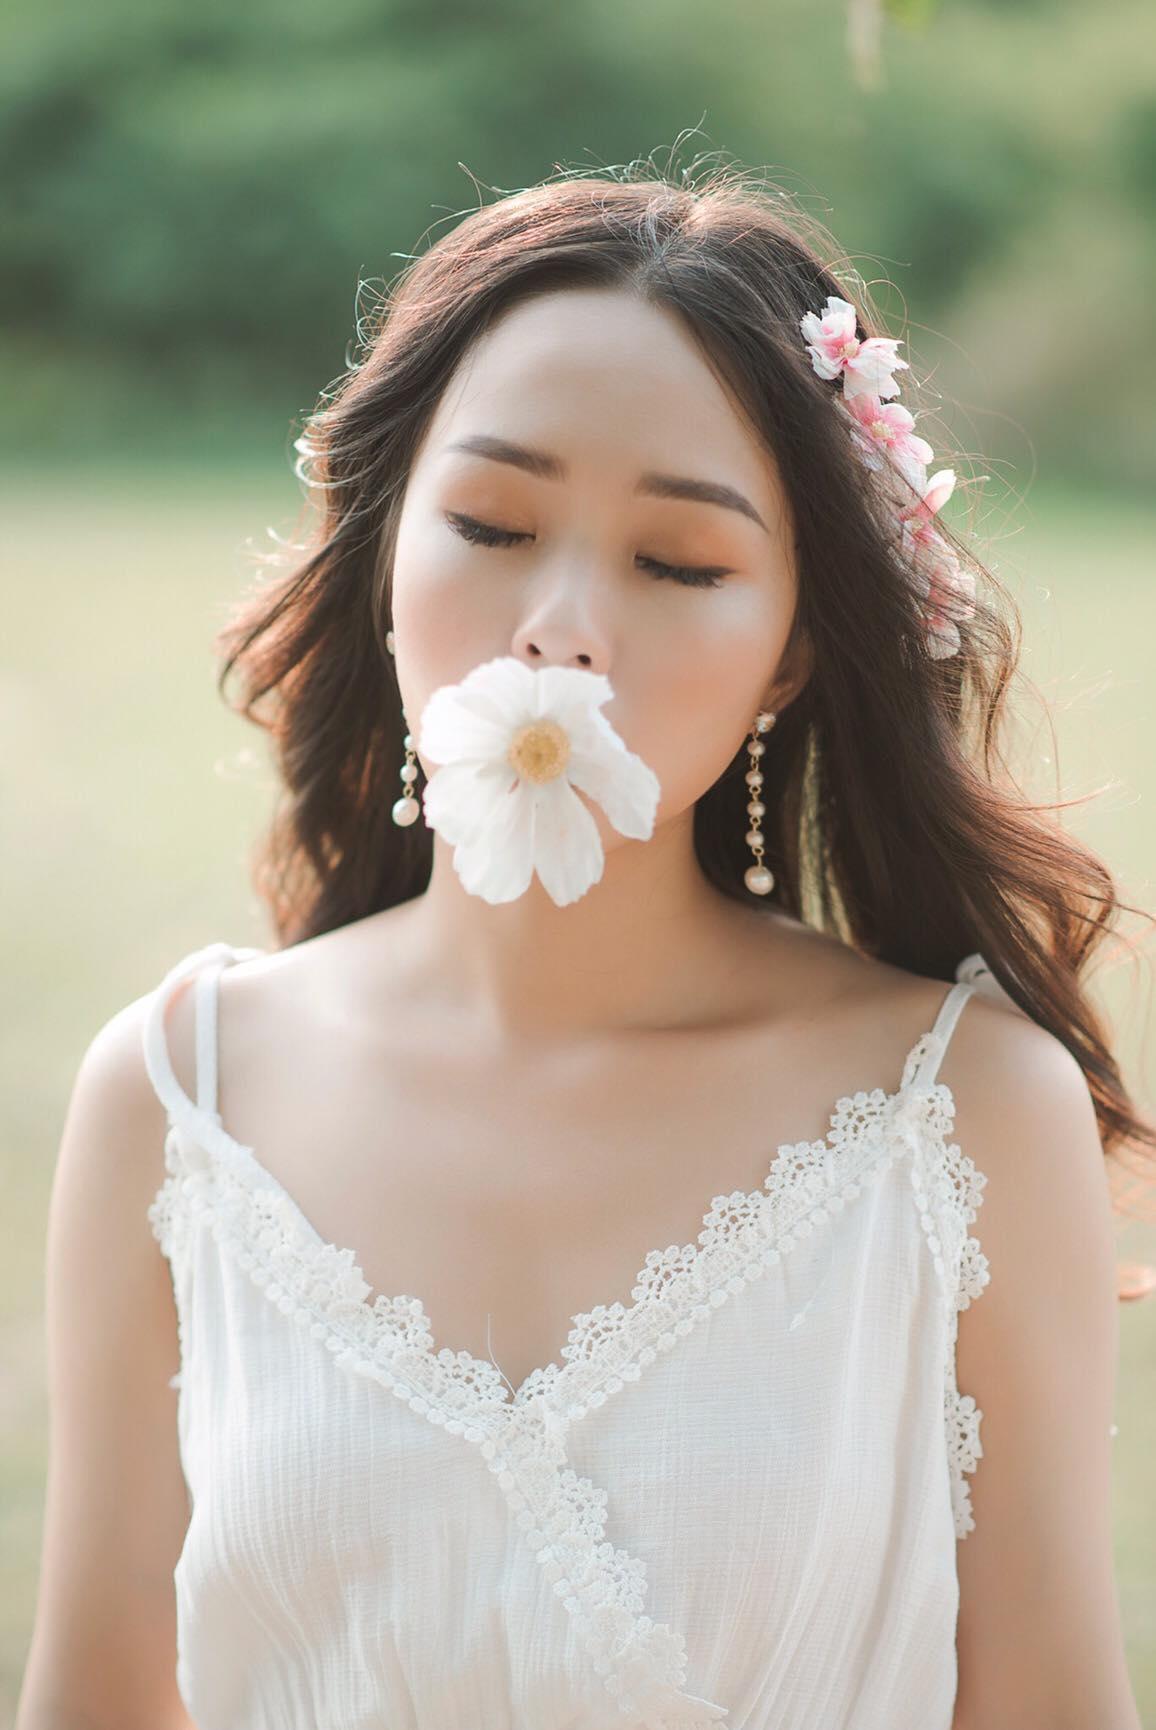 Sinh năm 1995, Linh Trang hiện theo học chuyên ngành Marketing tại FPT Polytechnic.